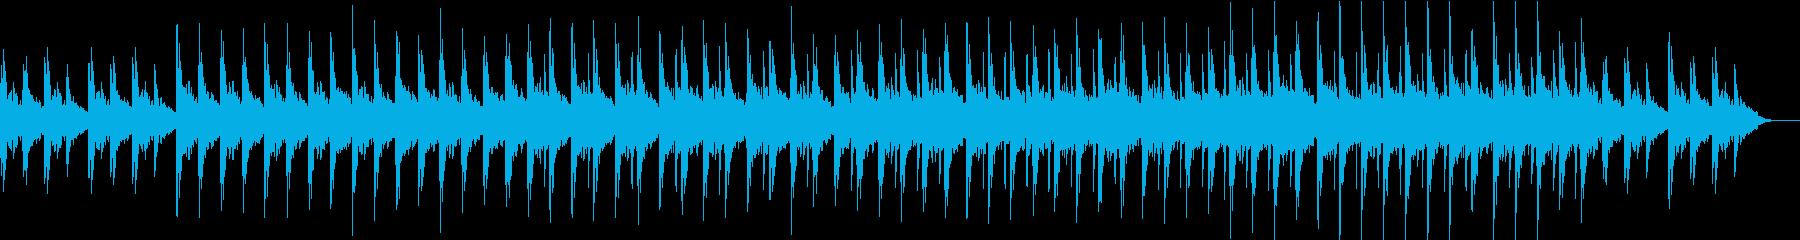 シネマティックピアノ 幻を追いかけての再生済みの波形